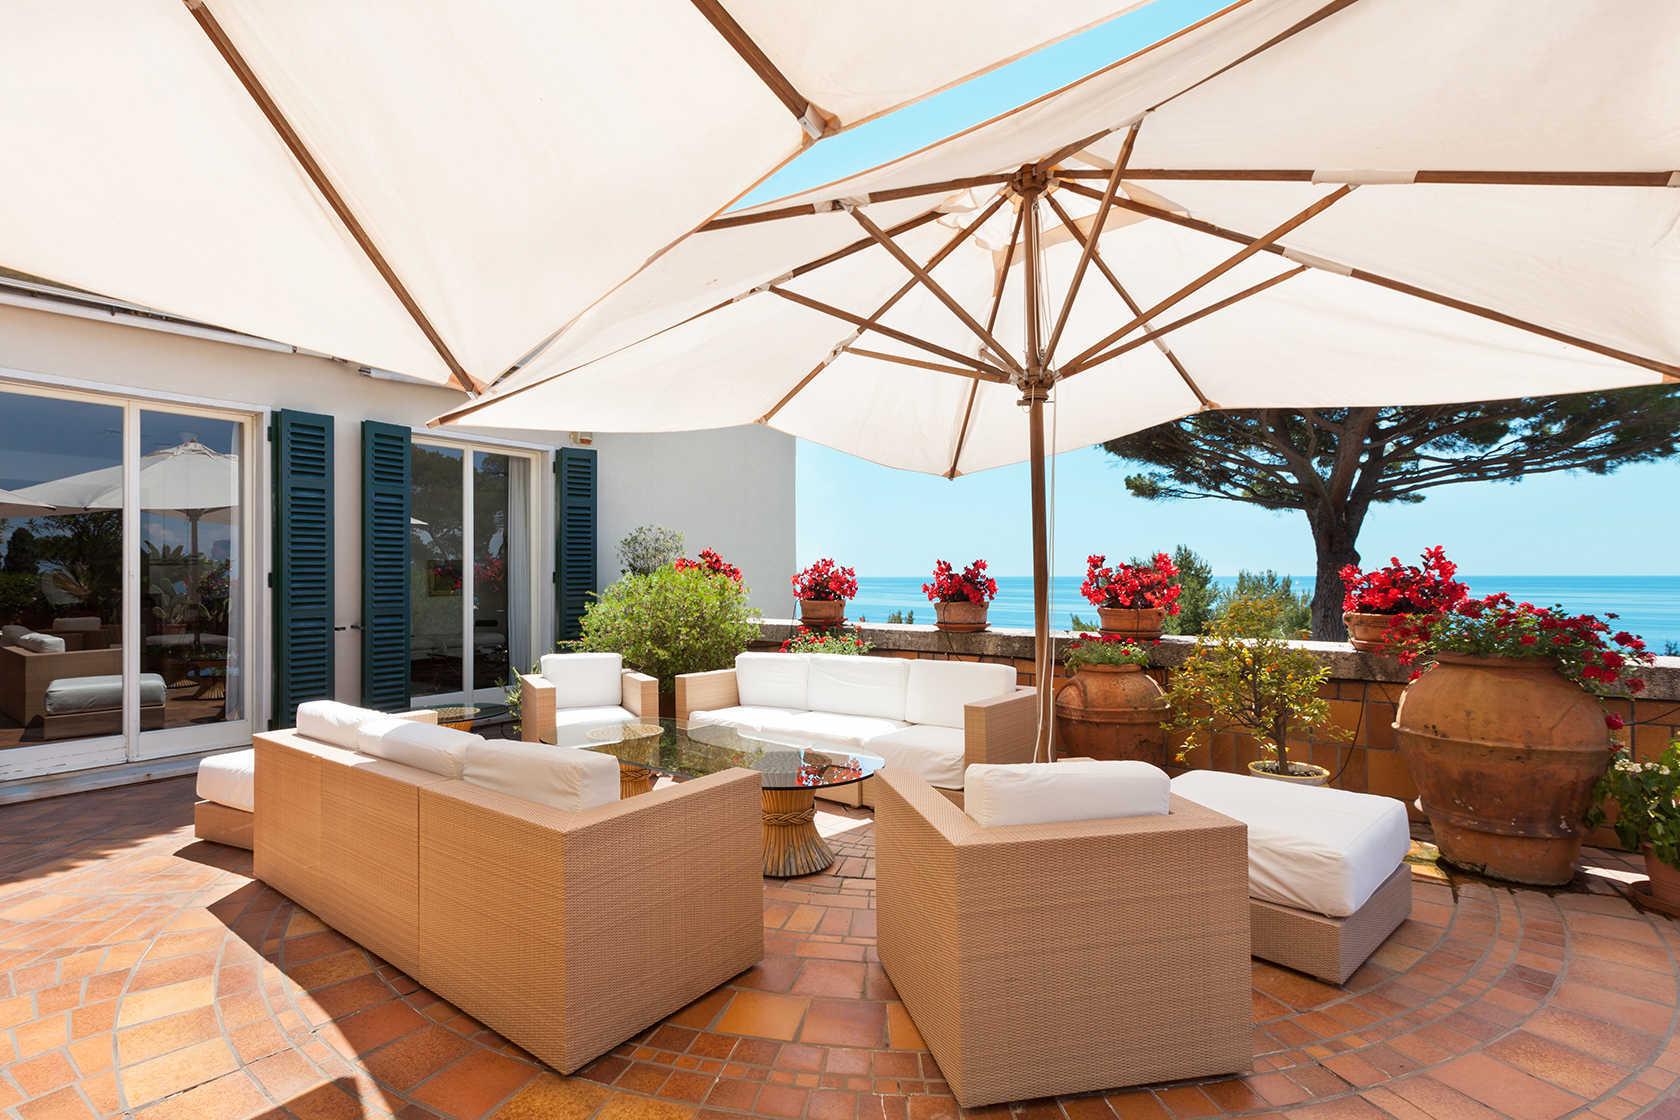 Terraza con sofás blancos y sombrillas jardineras con flores y vistas al mar